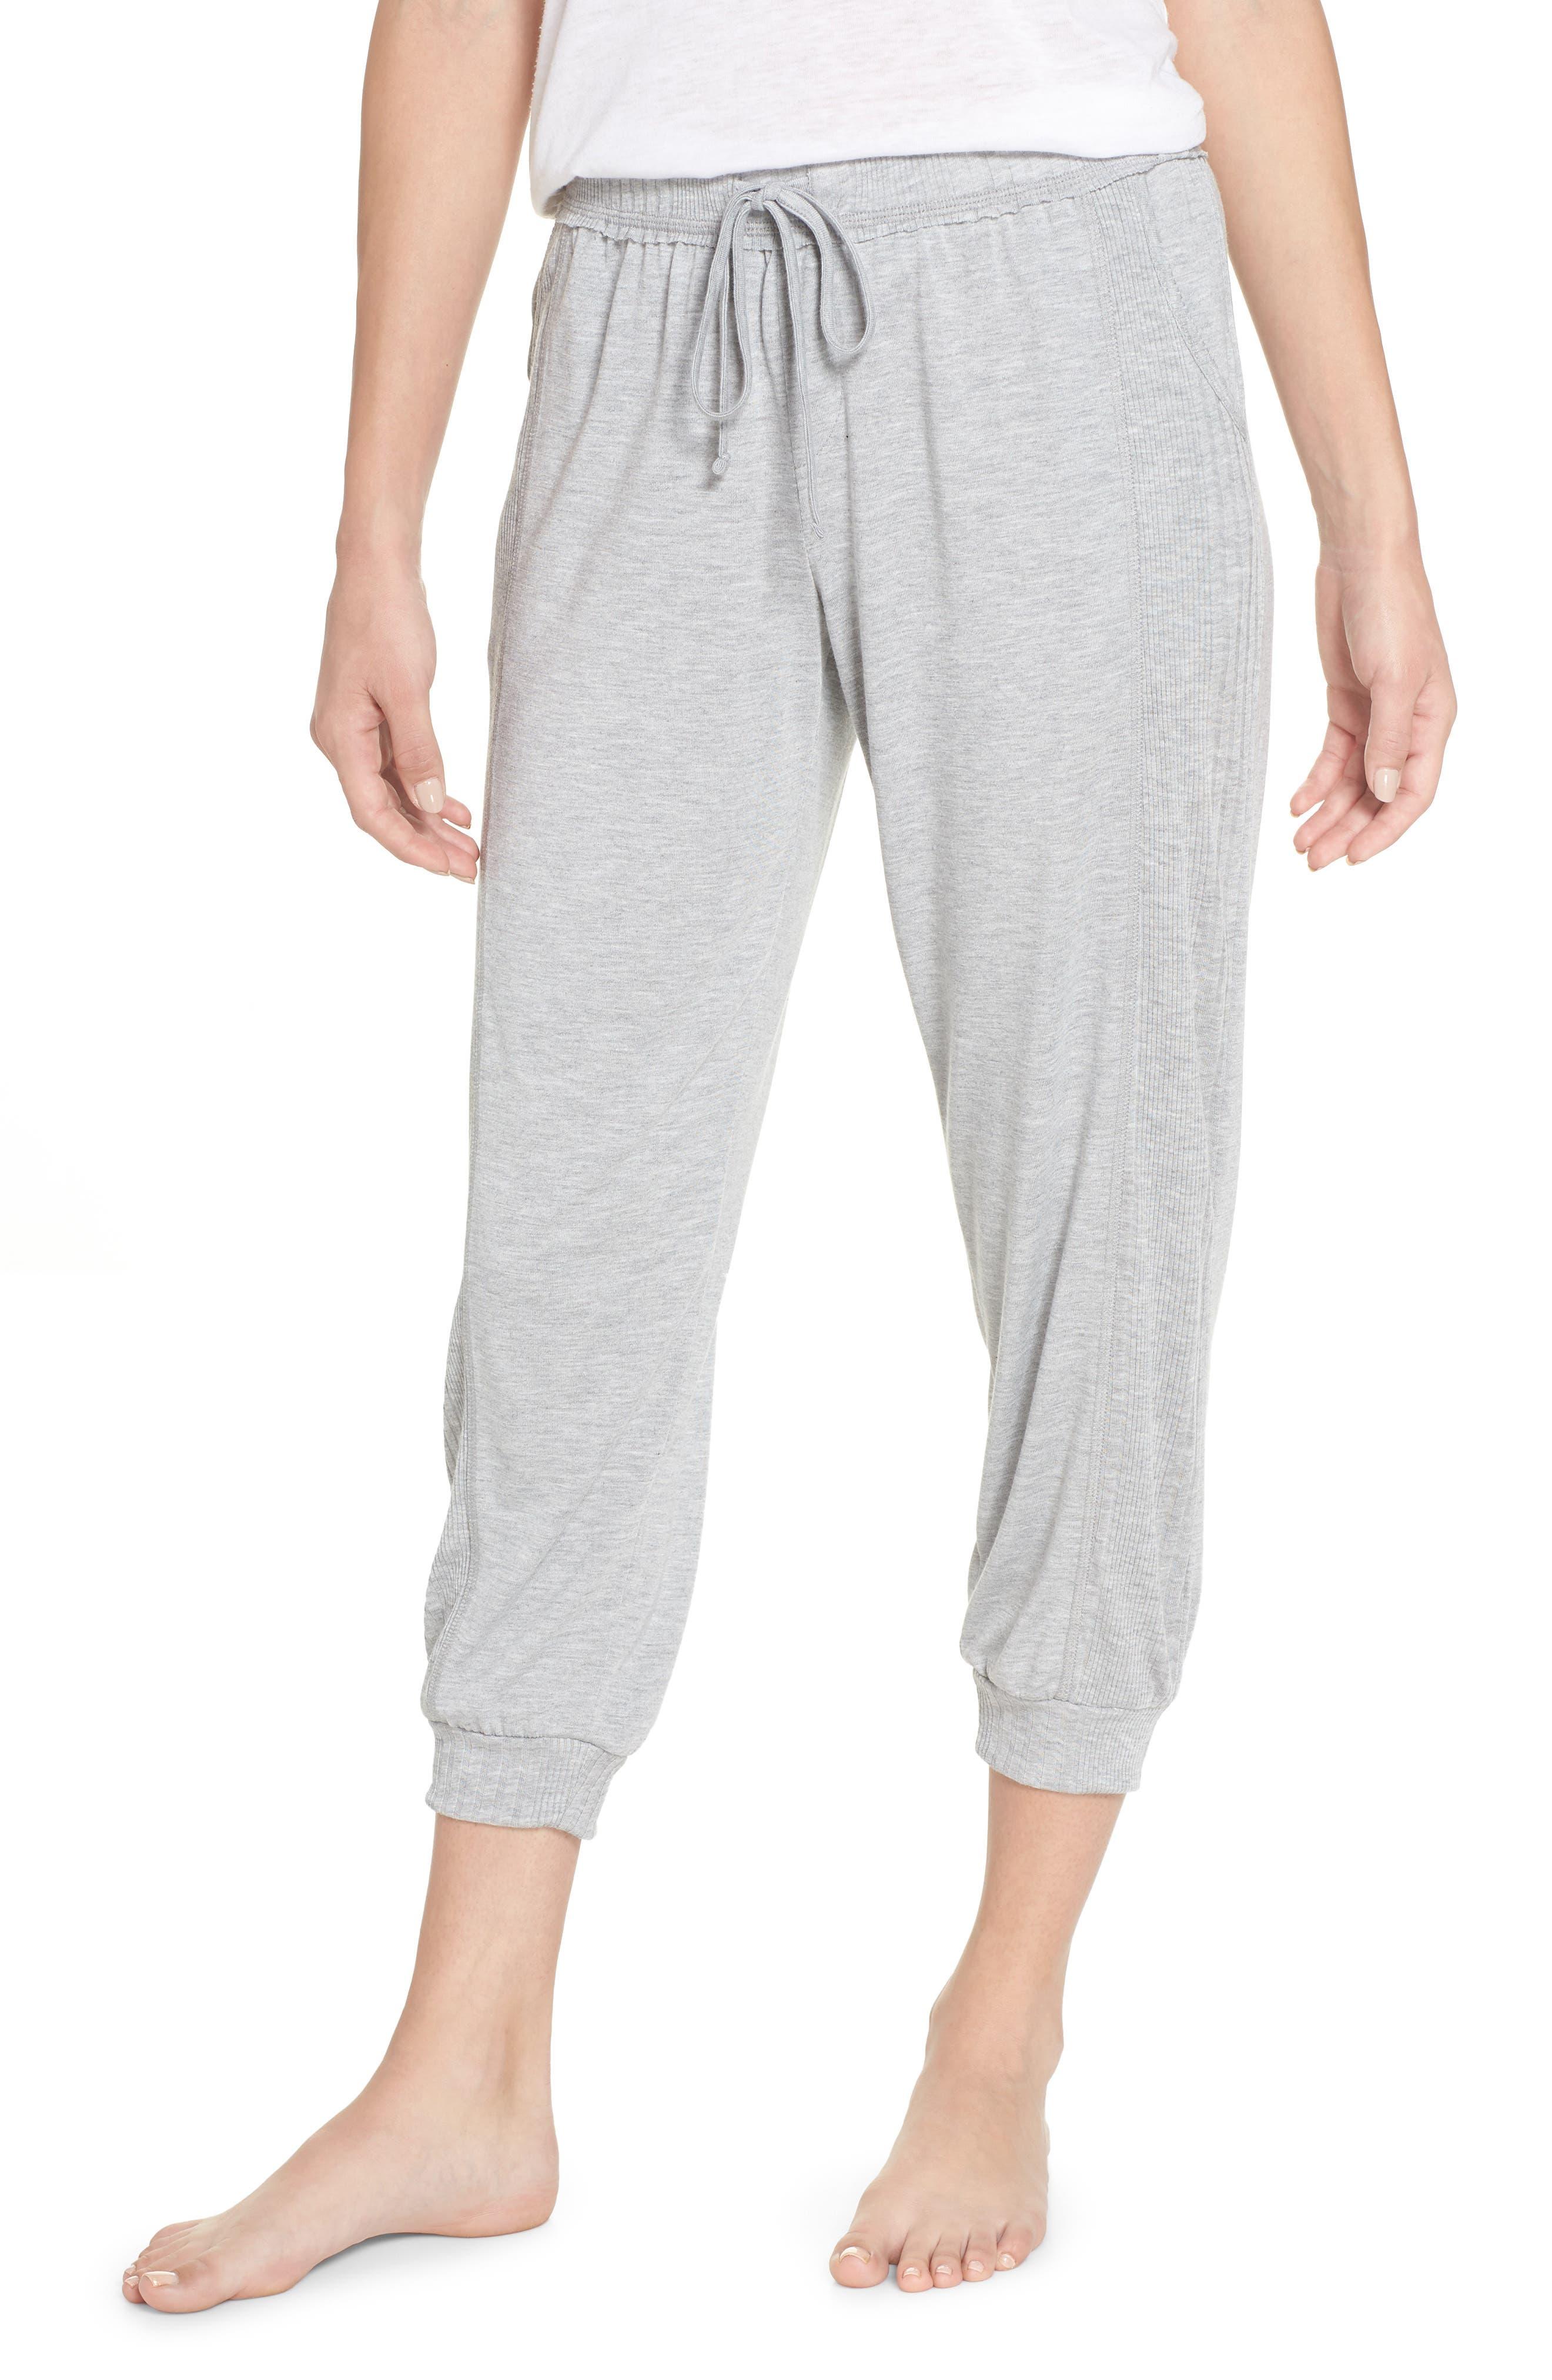 Crop Pajama Pants,                             Main thumbnail 1, color,                             LIGHT HEATHER GREY